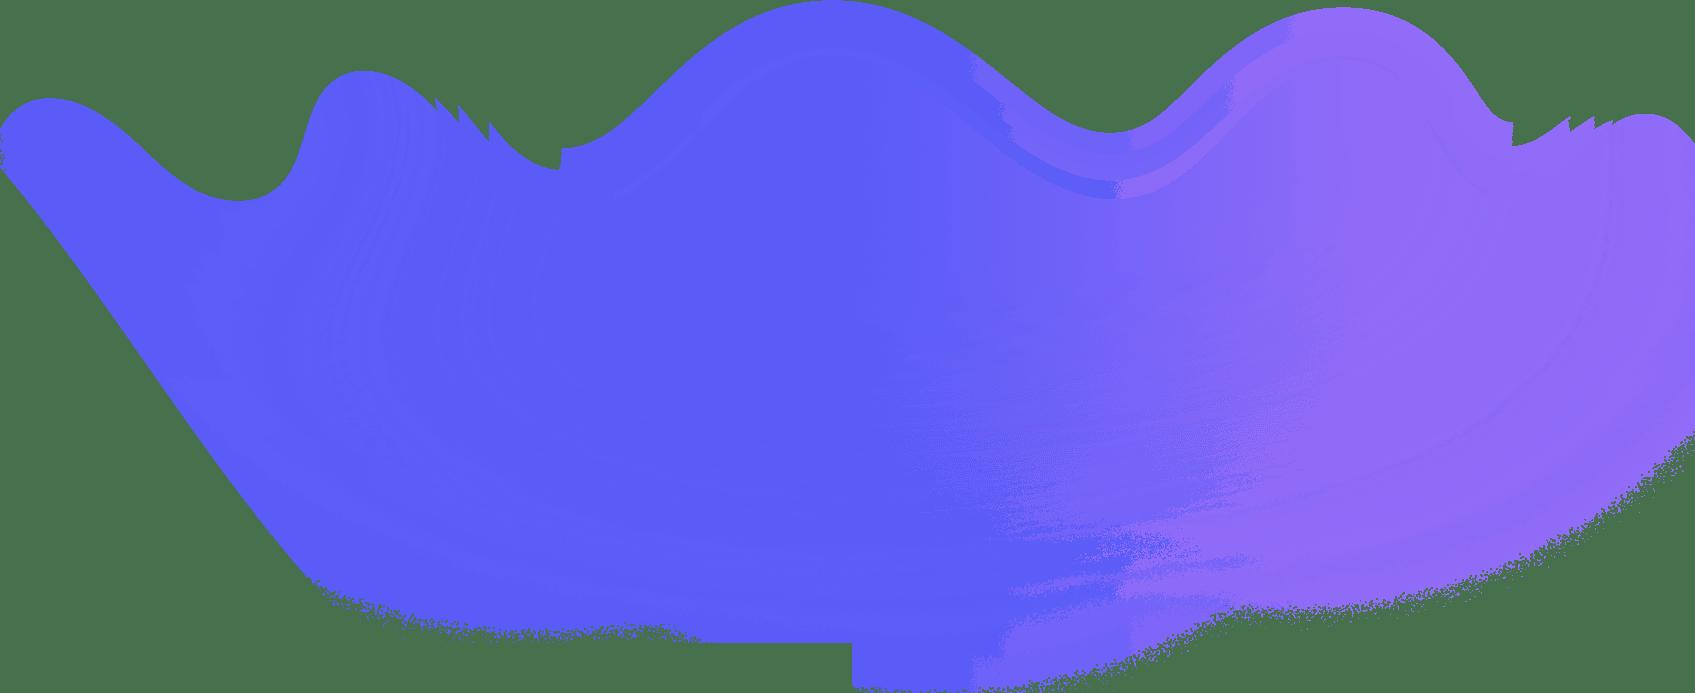 https://eqoxdgod6do.exactdn.com/wp-content/uploads/2020/12/header-waves.png?strip=all&lossy=1&w=1920&ssl=1